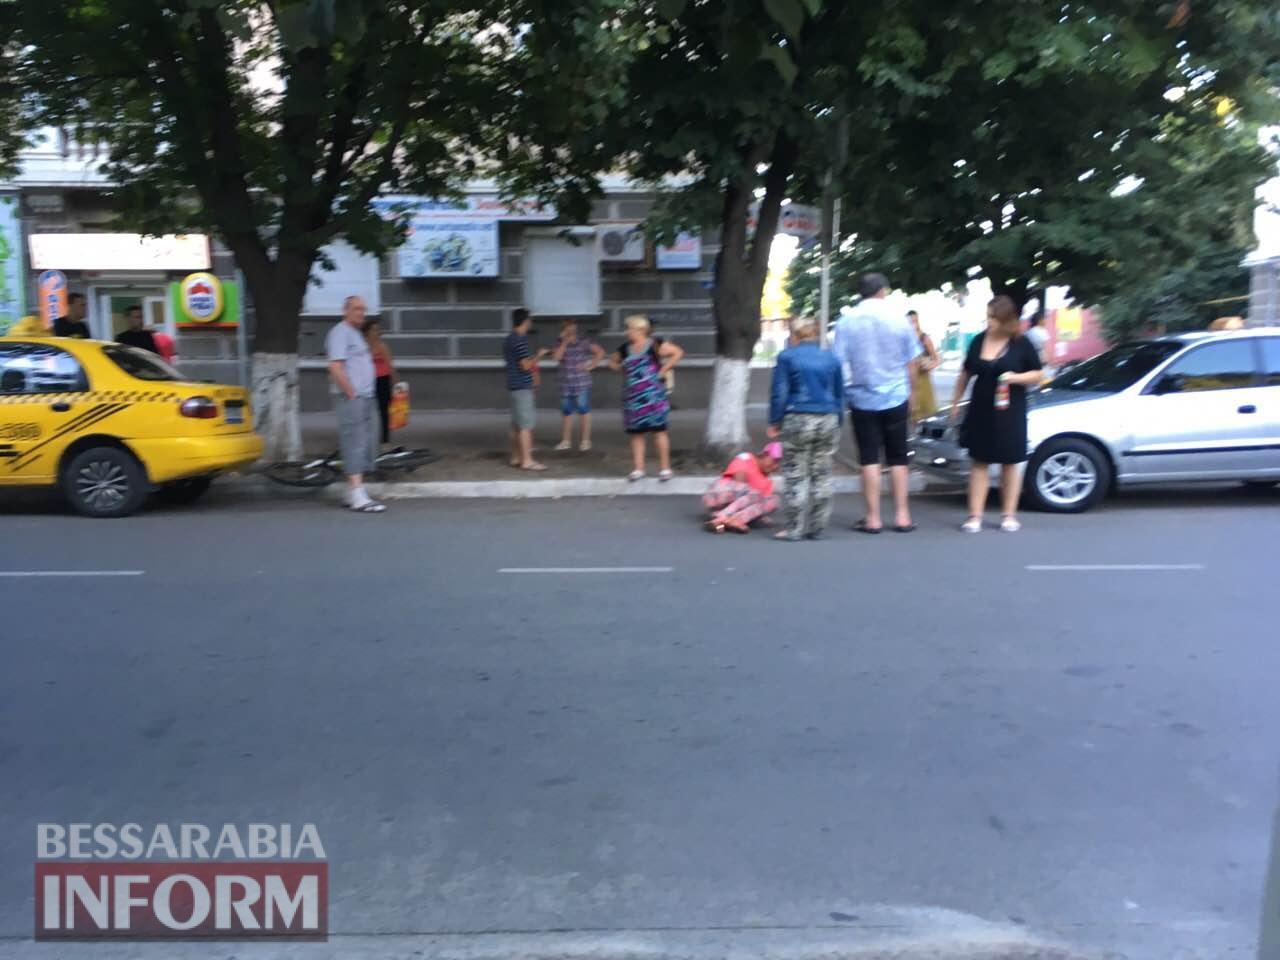 В Измаиле на пр. Суворова практически одновременно сломала ногу женщина-велосипедист и сбил пешехода мотоциклист